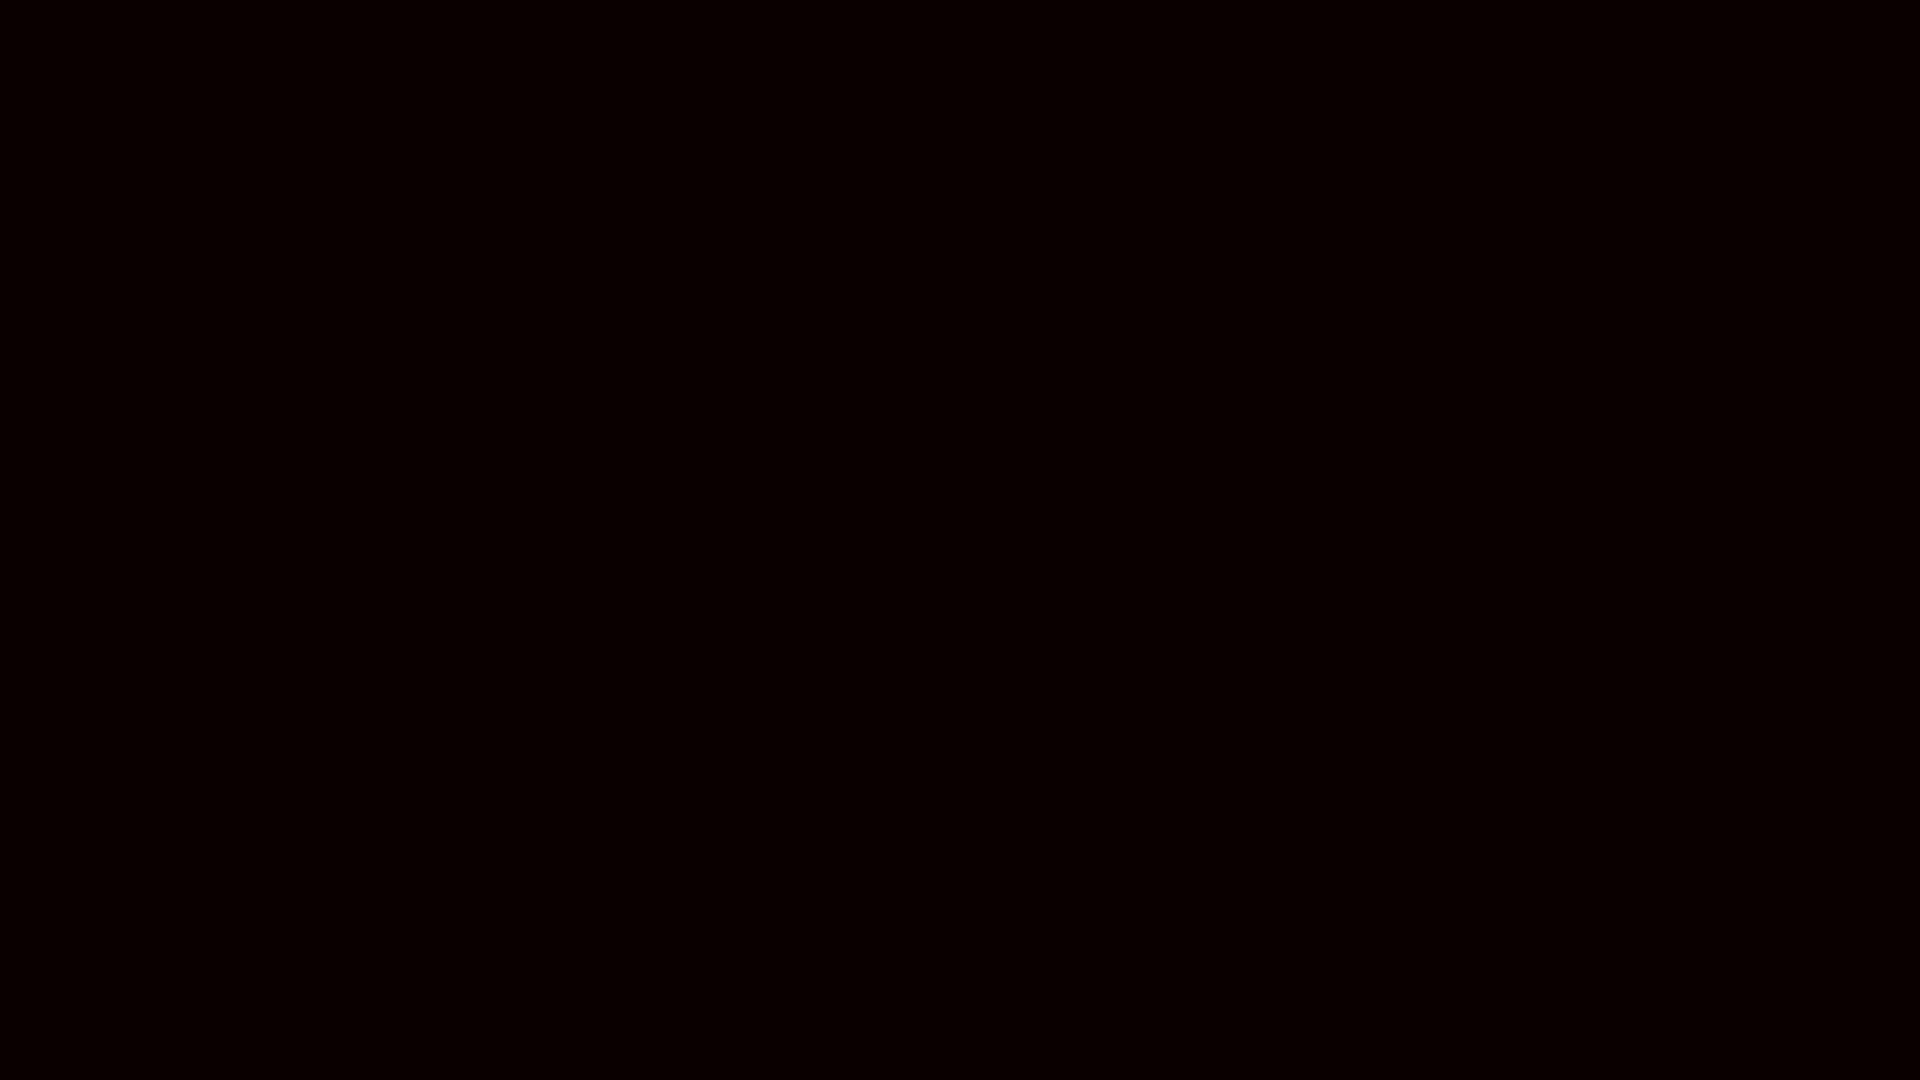 阿国ちゃんの「和式洋式七変化」No.3 洗面所 | 和式  29pic 5